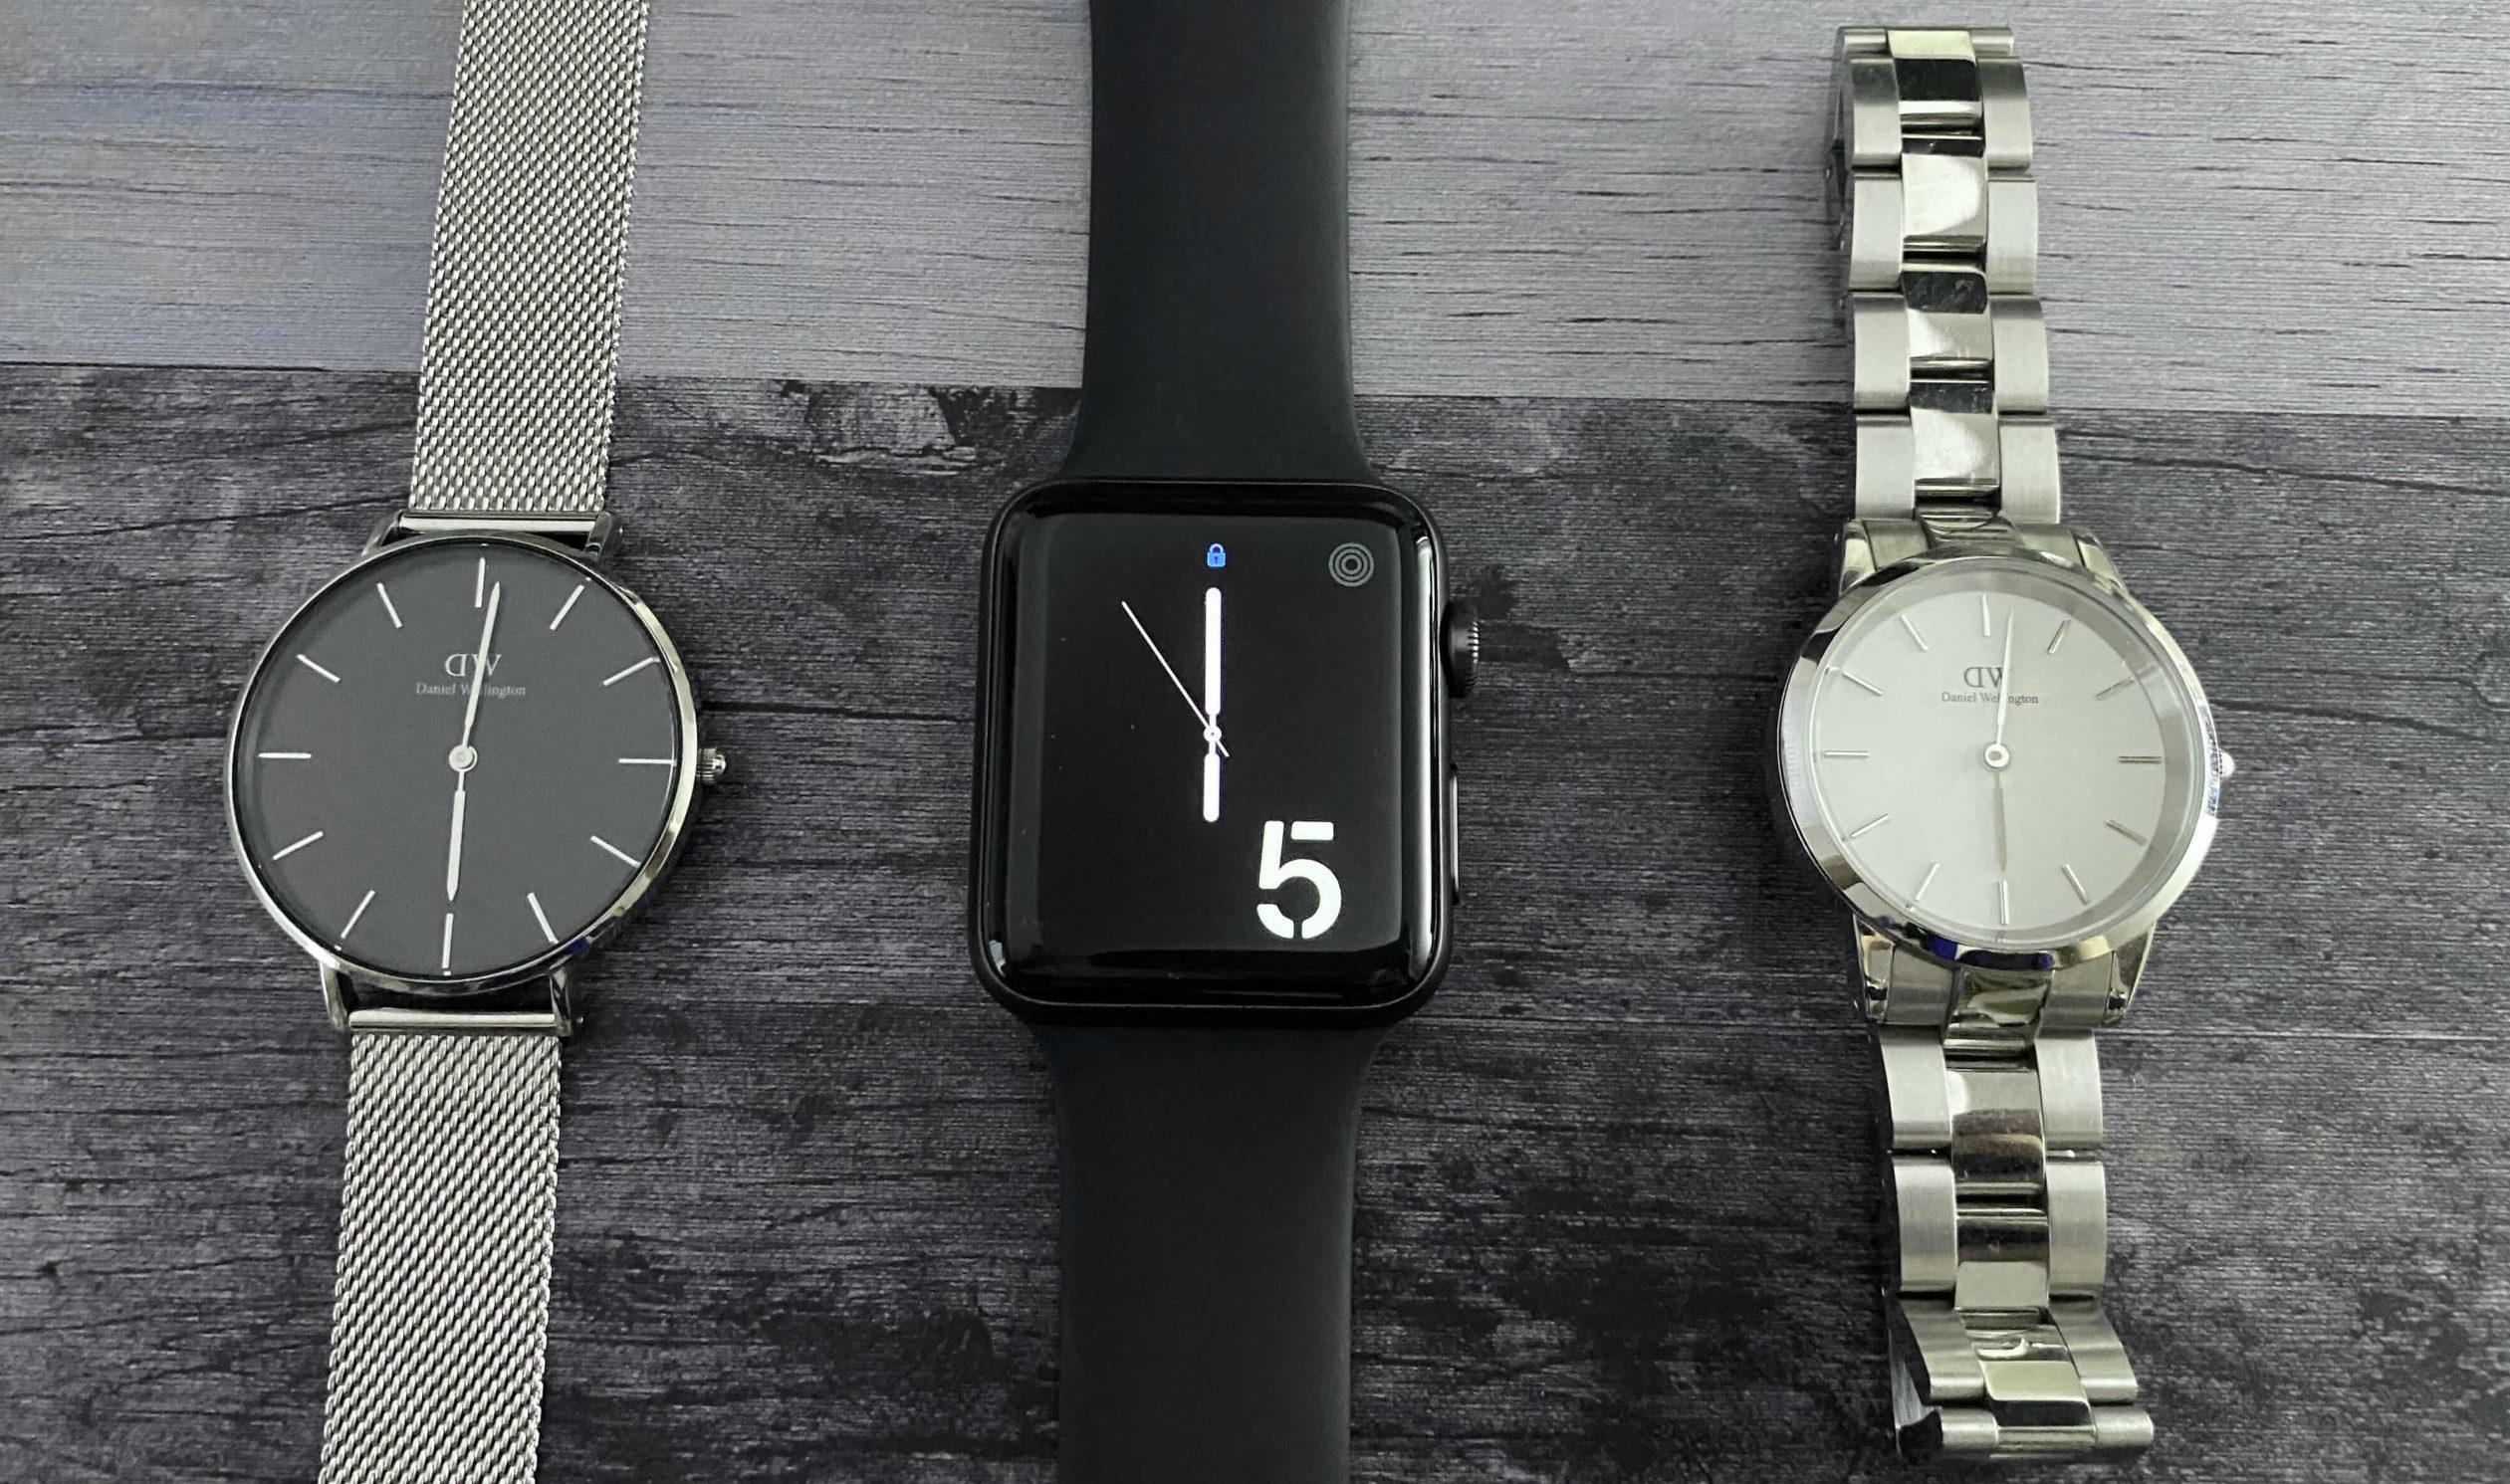 Apple Watchのディスプレイをアナログ時計と比較